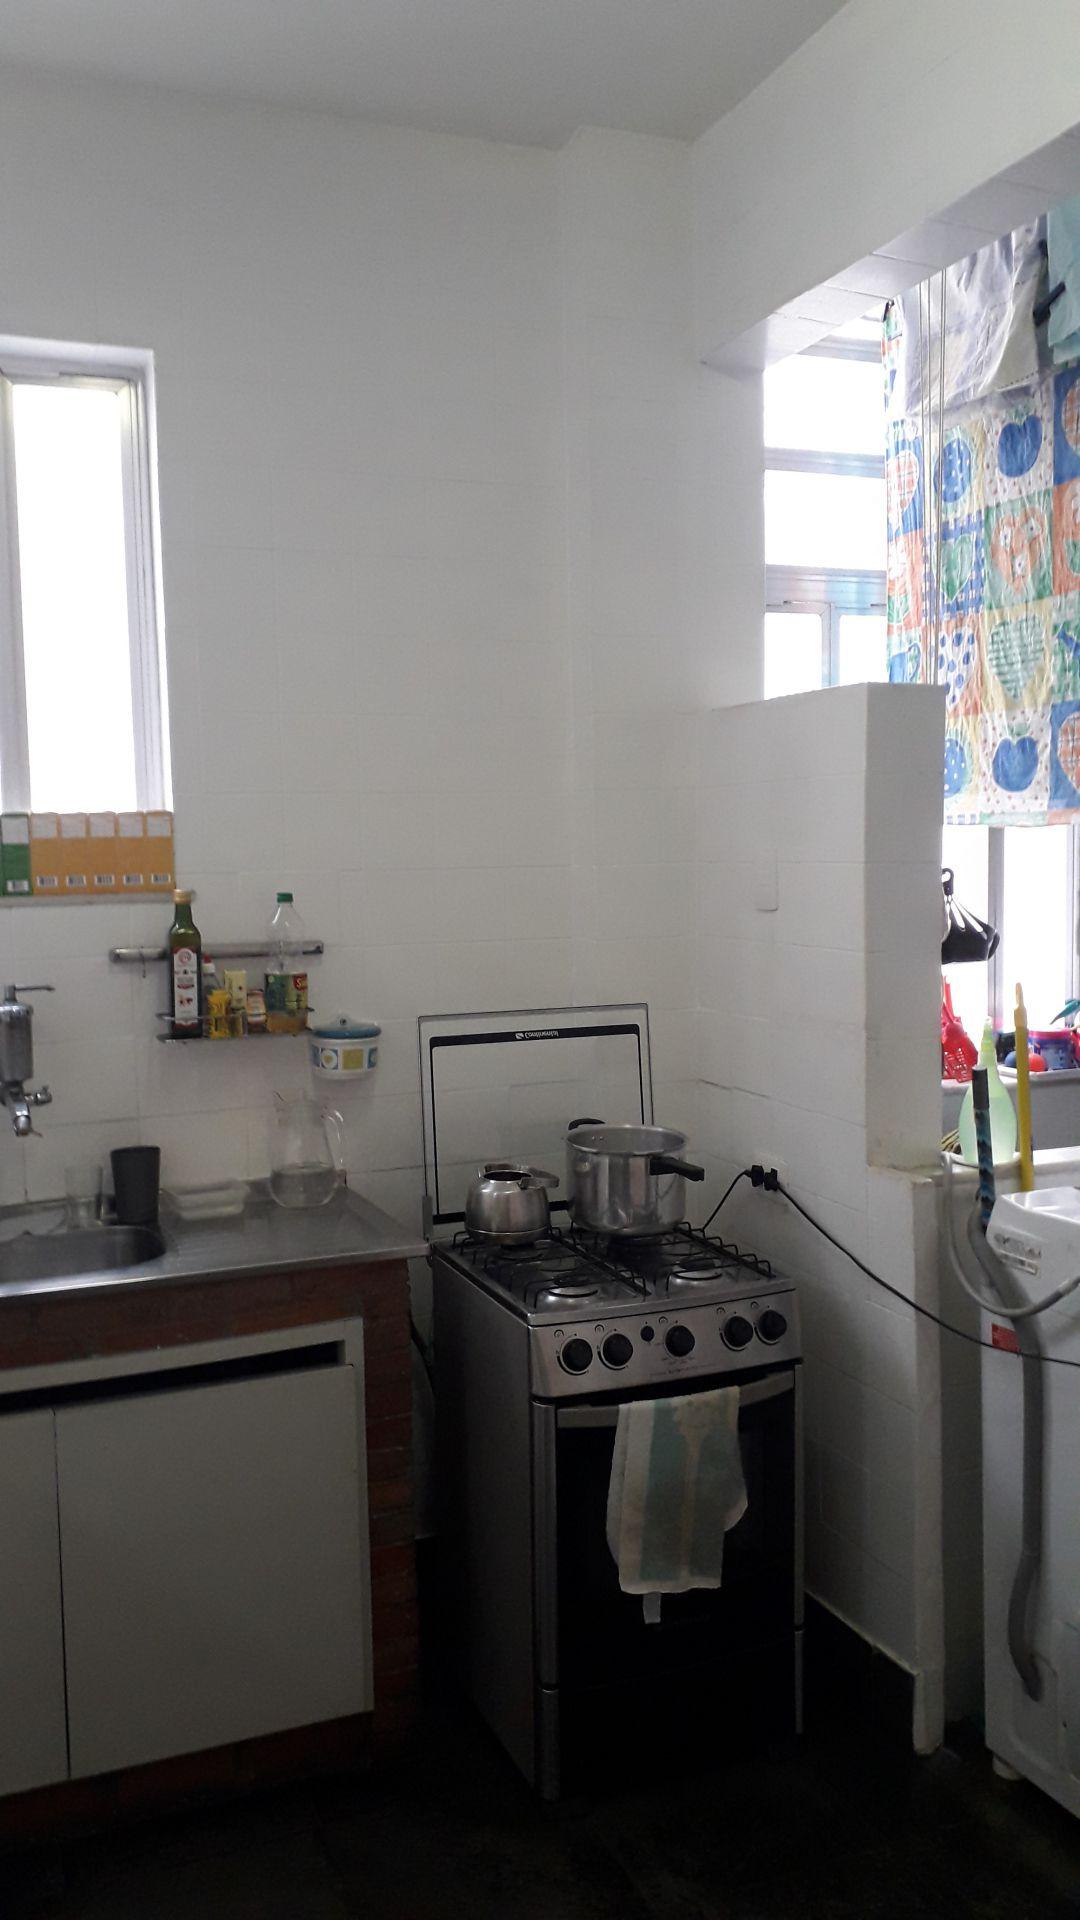 COZINHA - Apartamento Rua visconde de santa isabel,Grajaú, Grajaú,Rio de Janeiro, RJ À Venda, 2 Quartos, 59m² - 000484 - 5